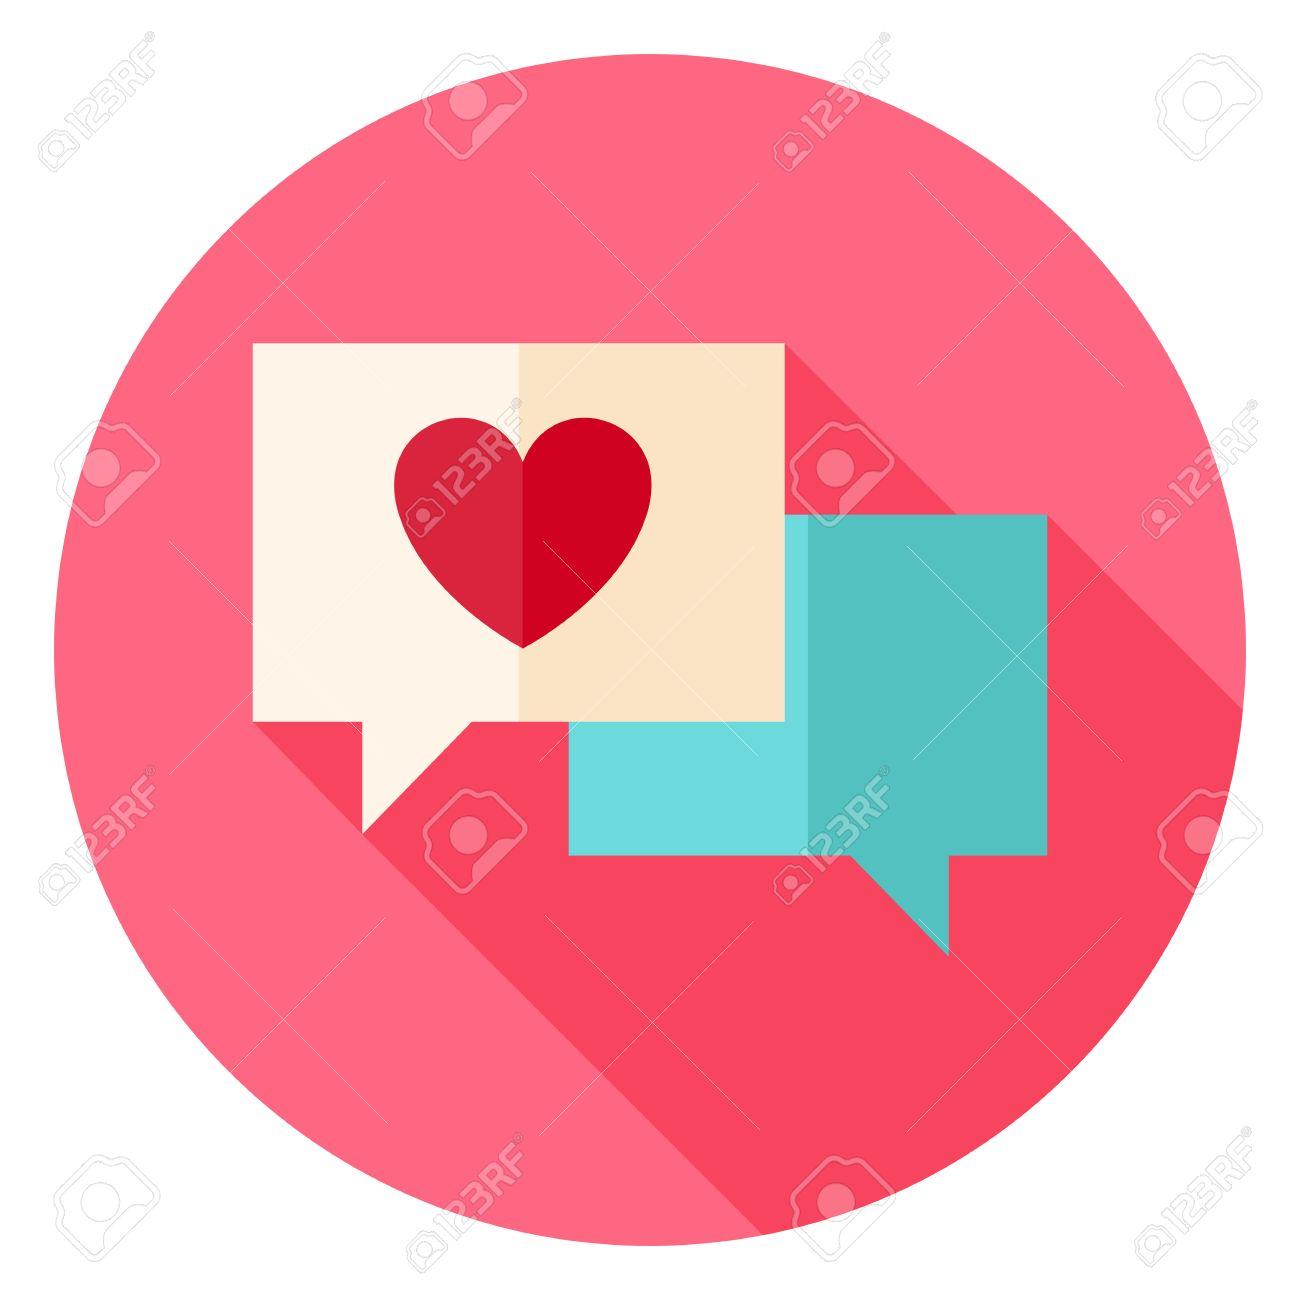 Messages Damour Avec Coeur Cercle Icône Flat Vector Design Illustration Avec Long Shadow Saint Valentin Heureux Et Amour Symbole